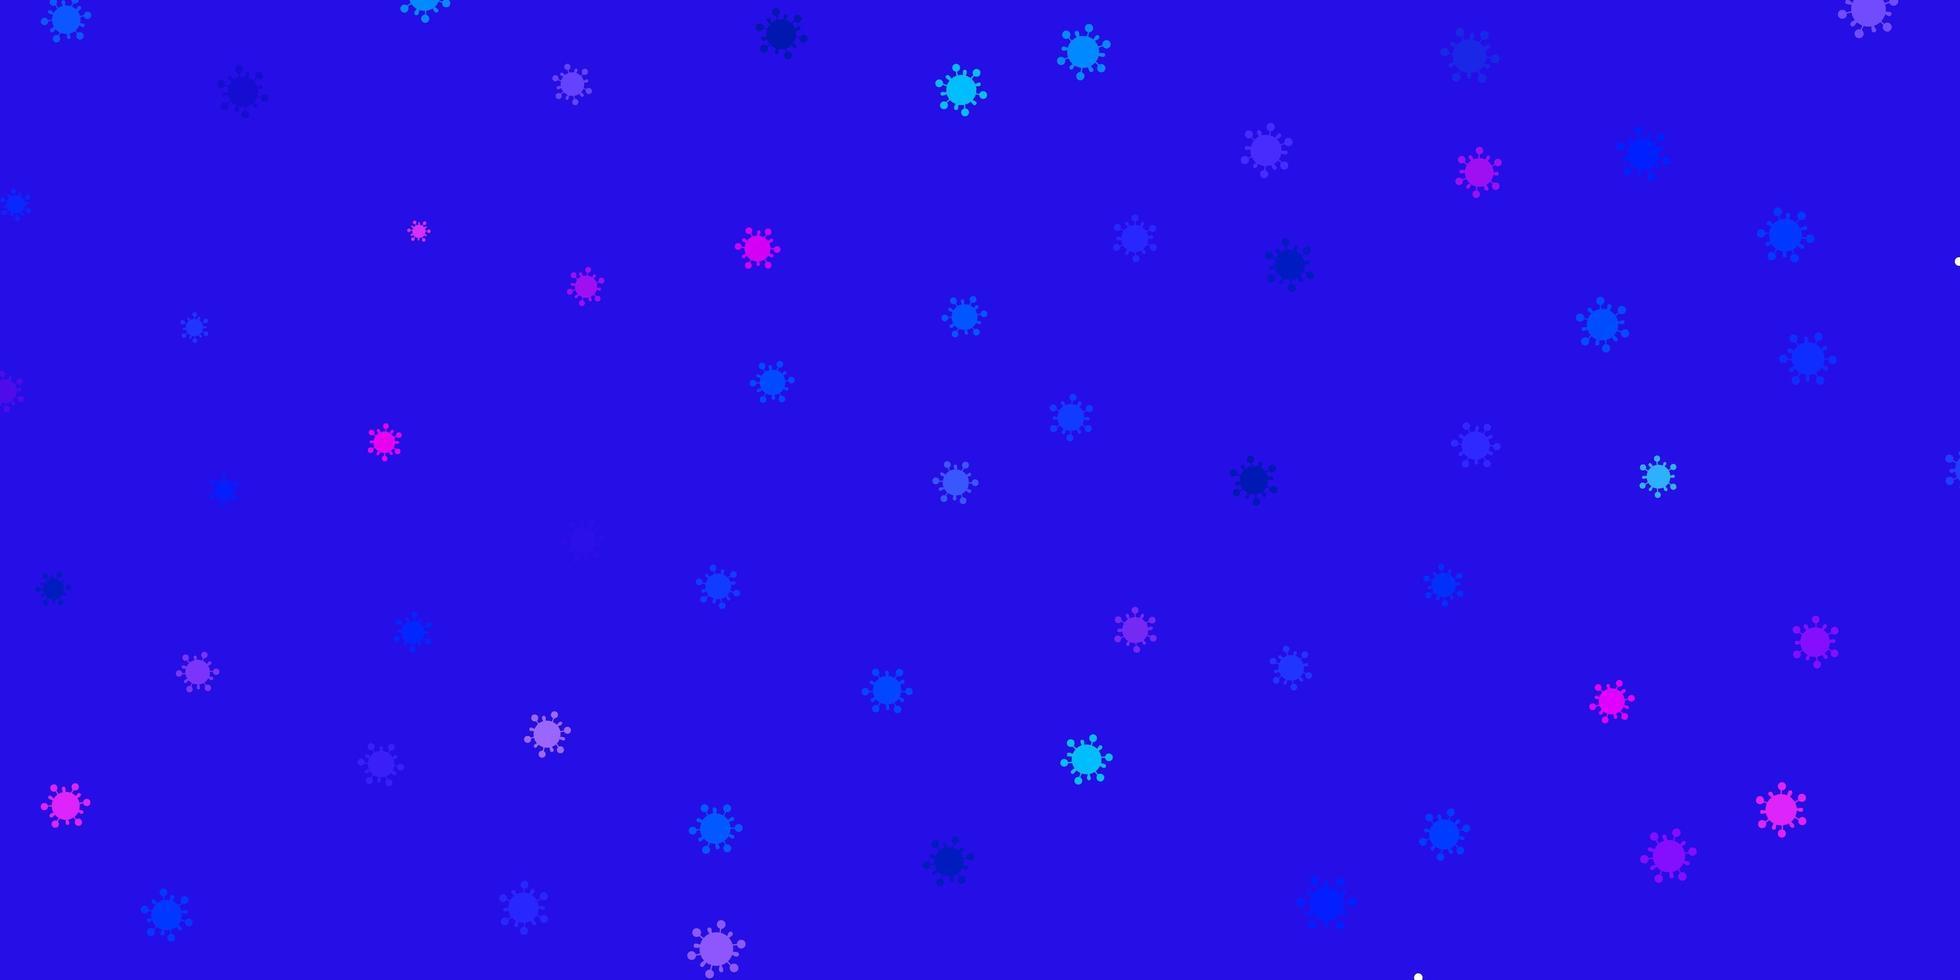 lichtblauw, rood vector sjabloon met grieptekens